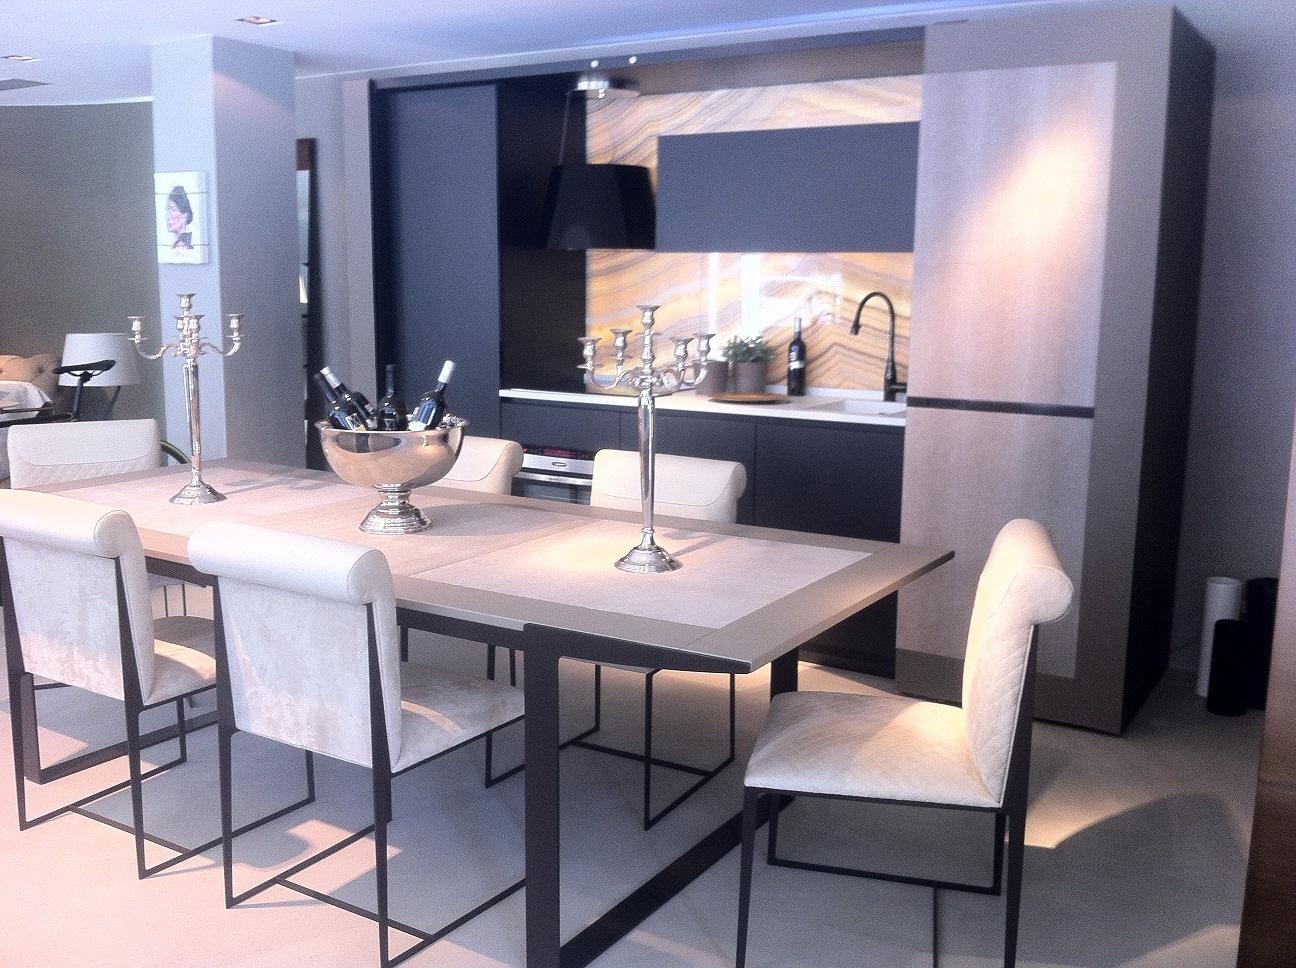 Quintessence cucina electra design cucine a prezzi scontati - Cappa cucina a scomparsa ...